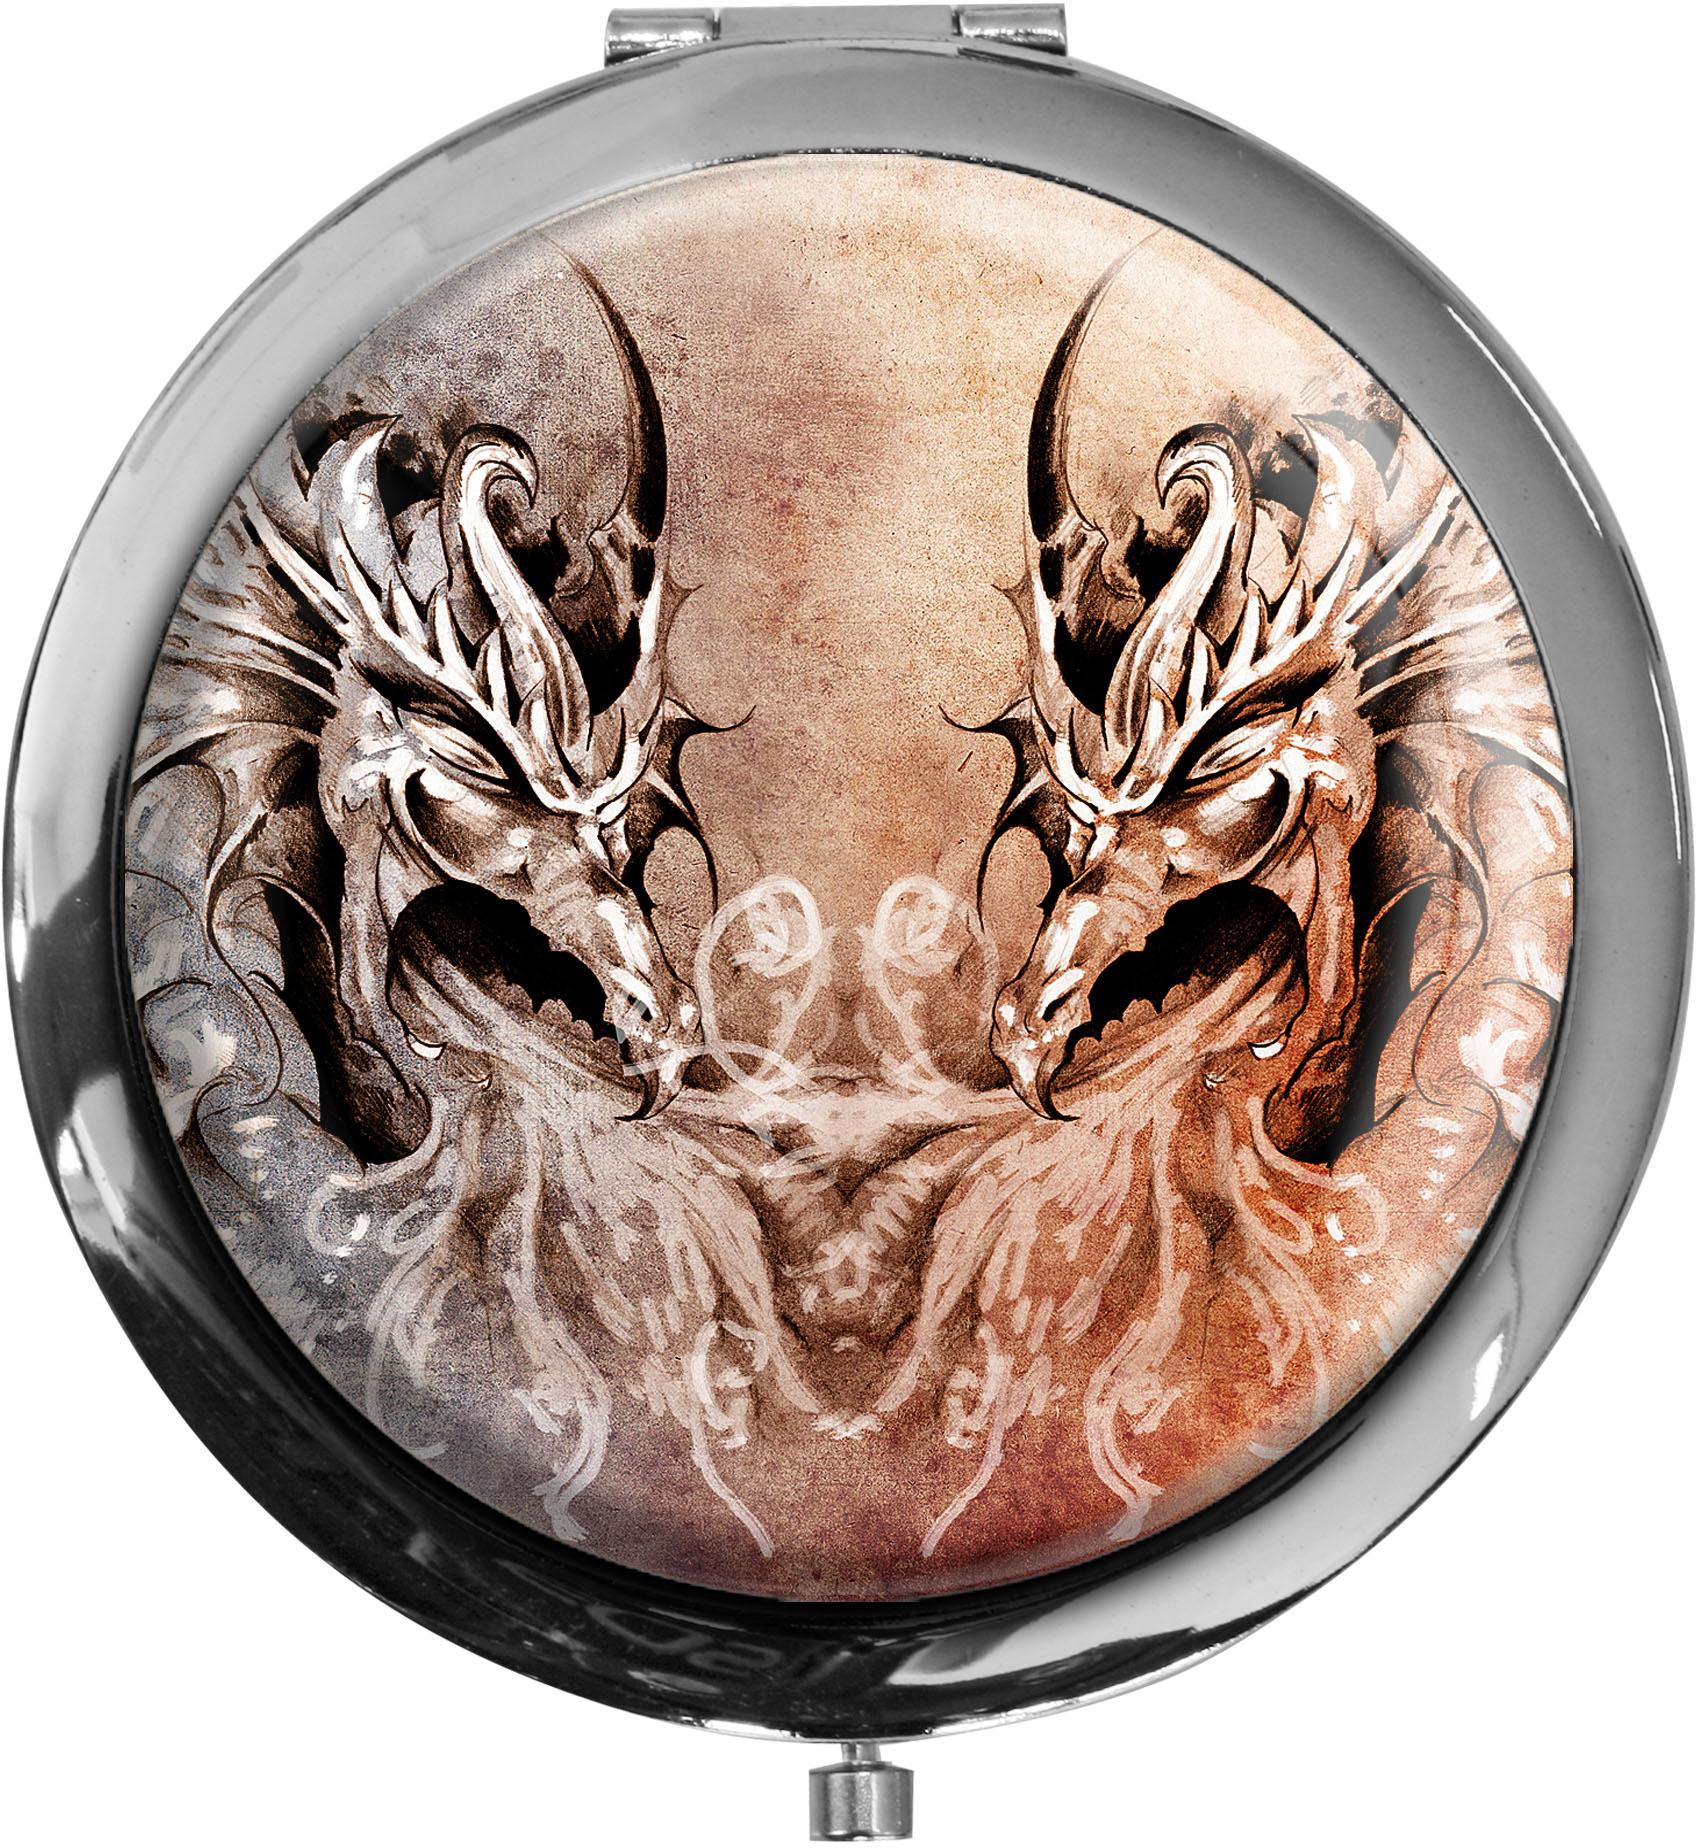 Taschenspiegel / Spiegel / Drachen / Mystik